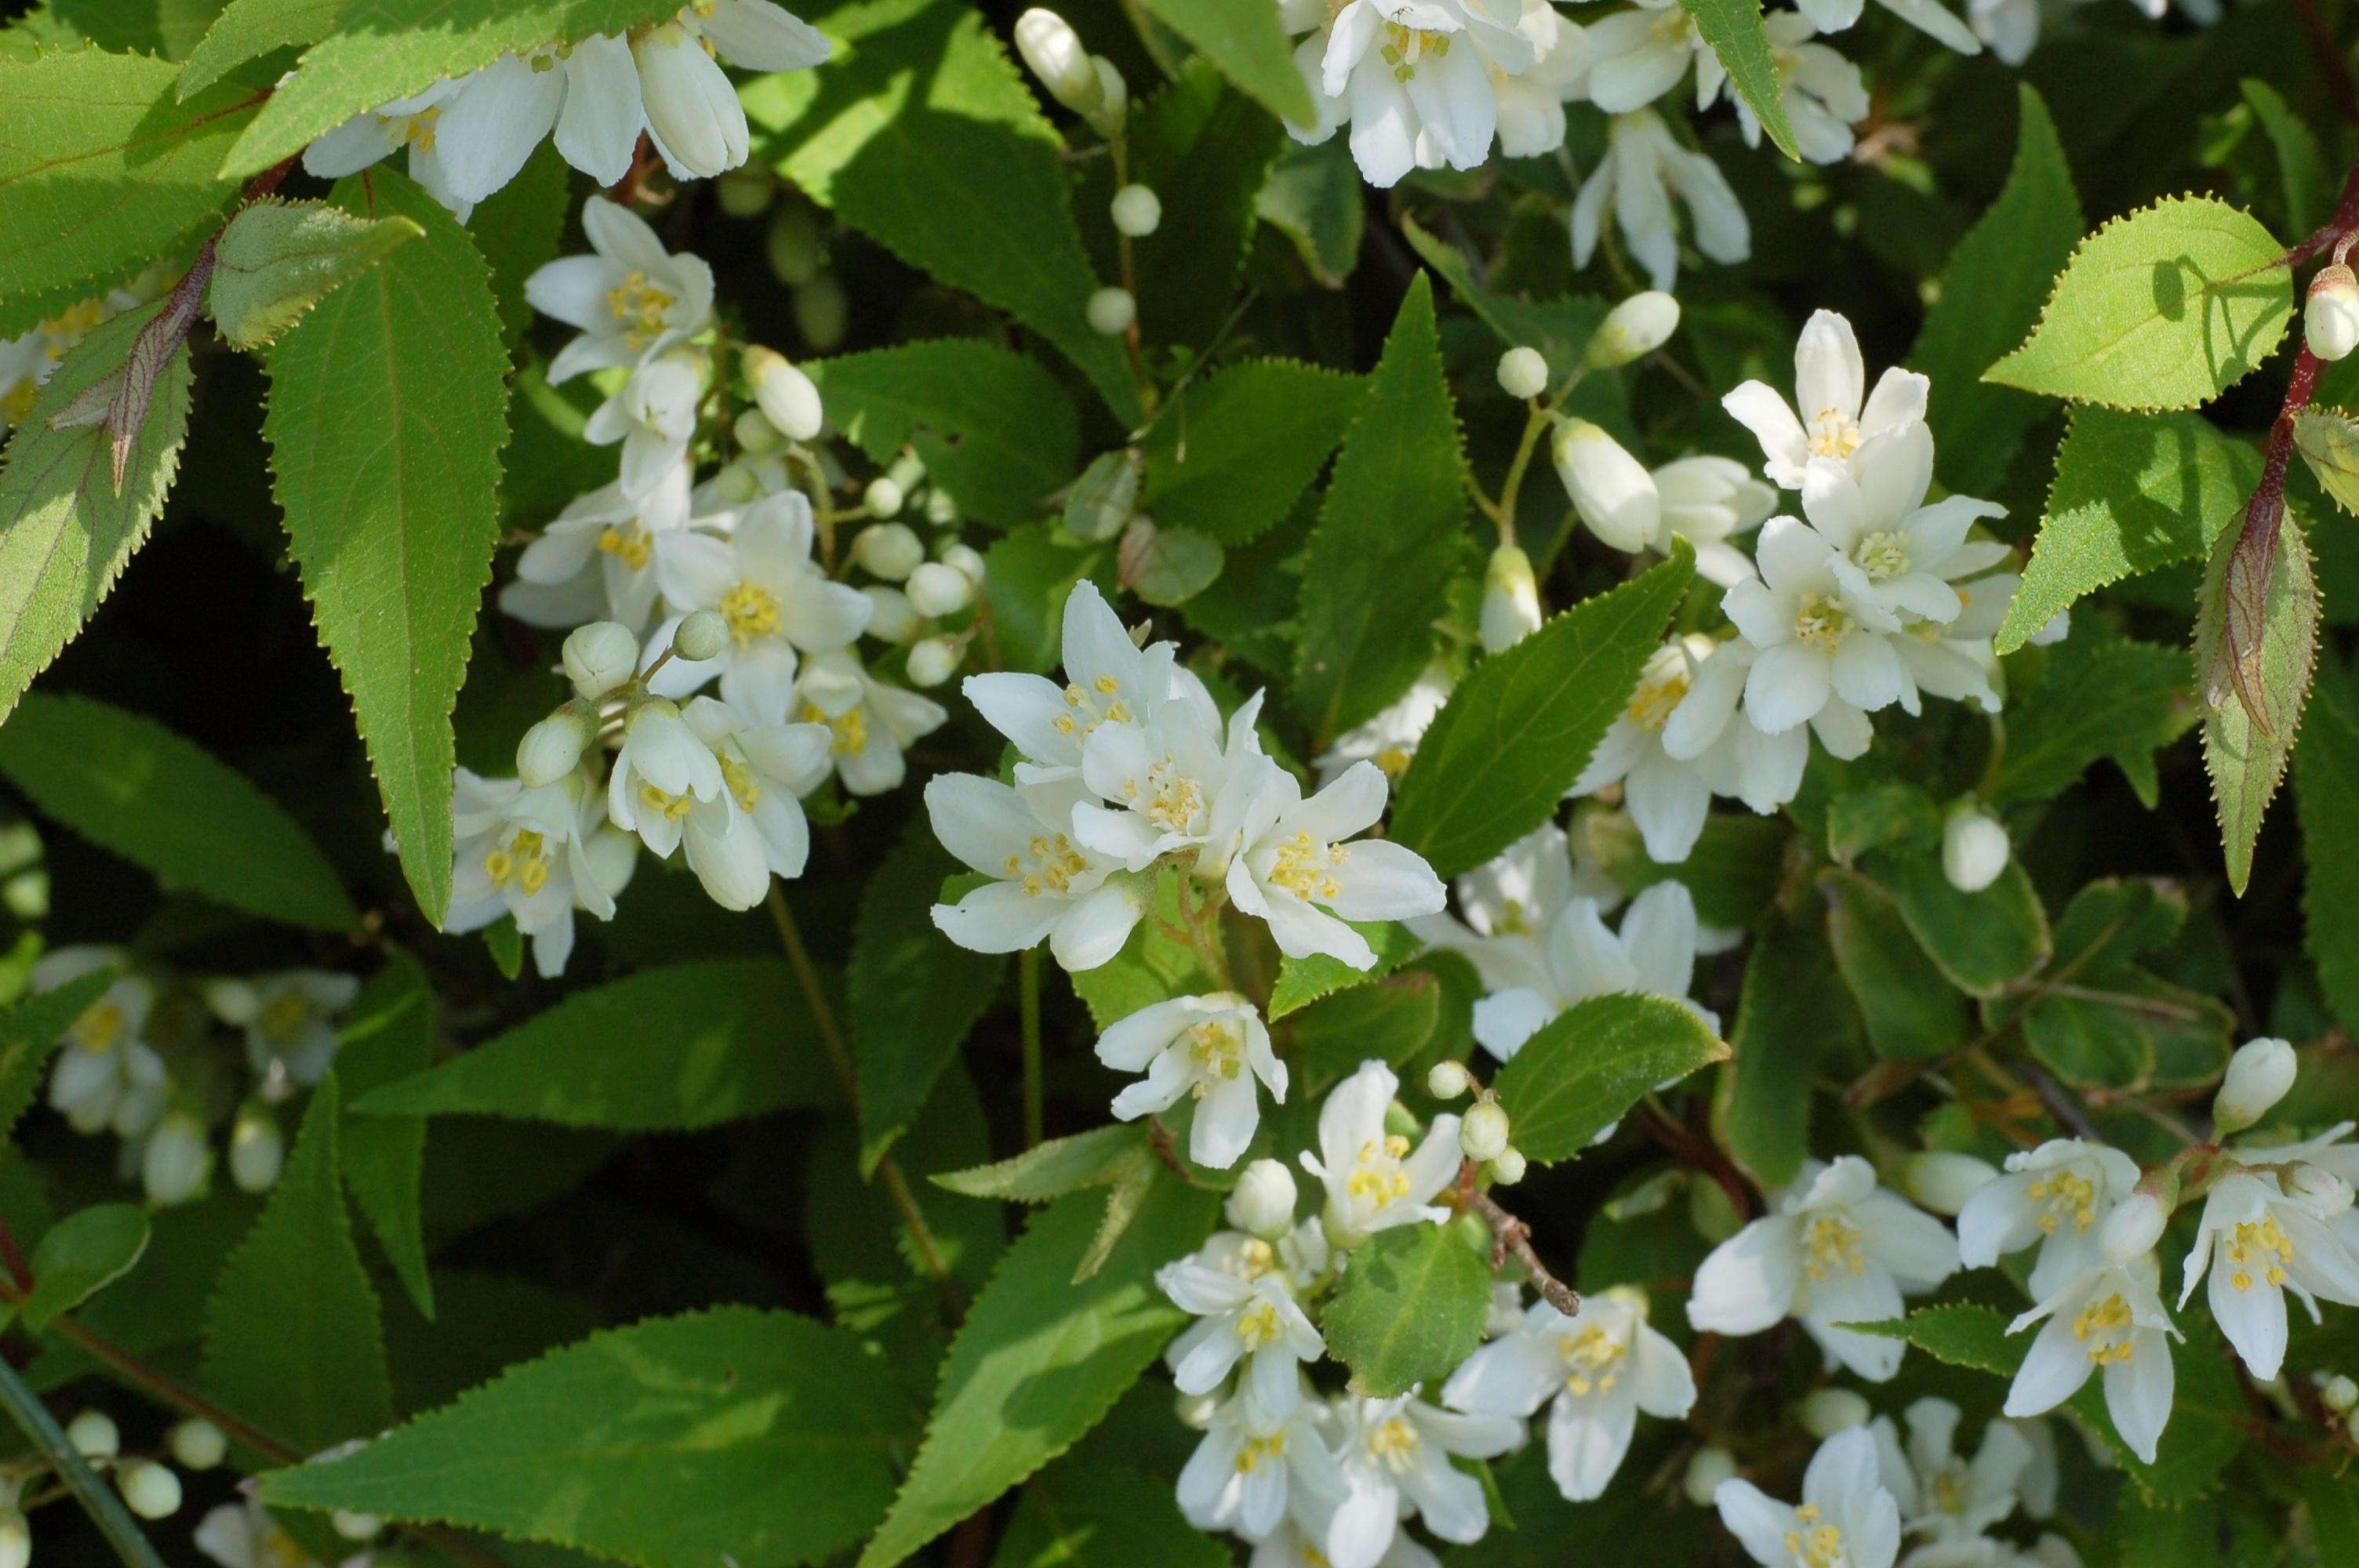 Slender_Deutzia_Deutzia_gracilis_%27Nikko%27_Flowers.jpg